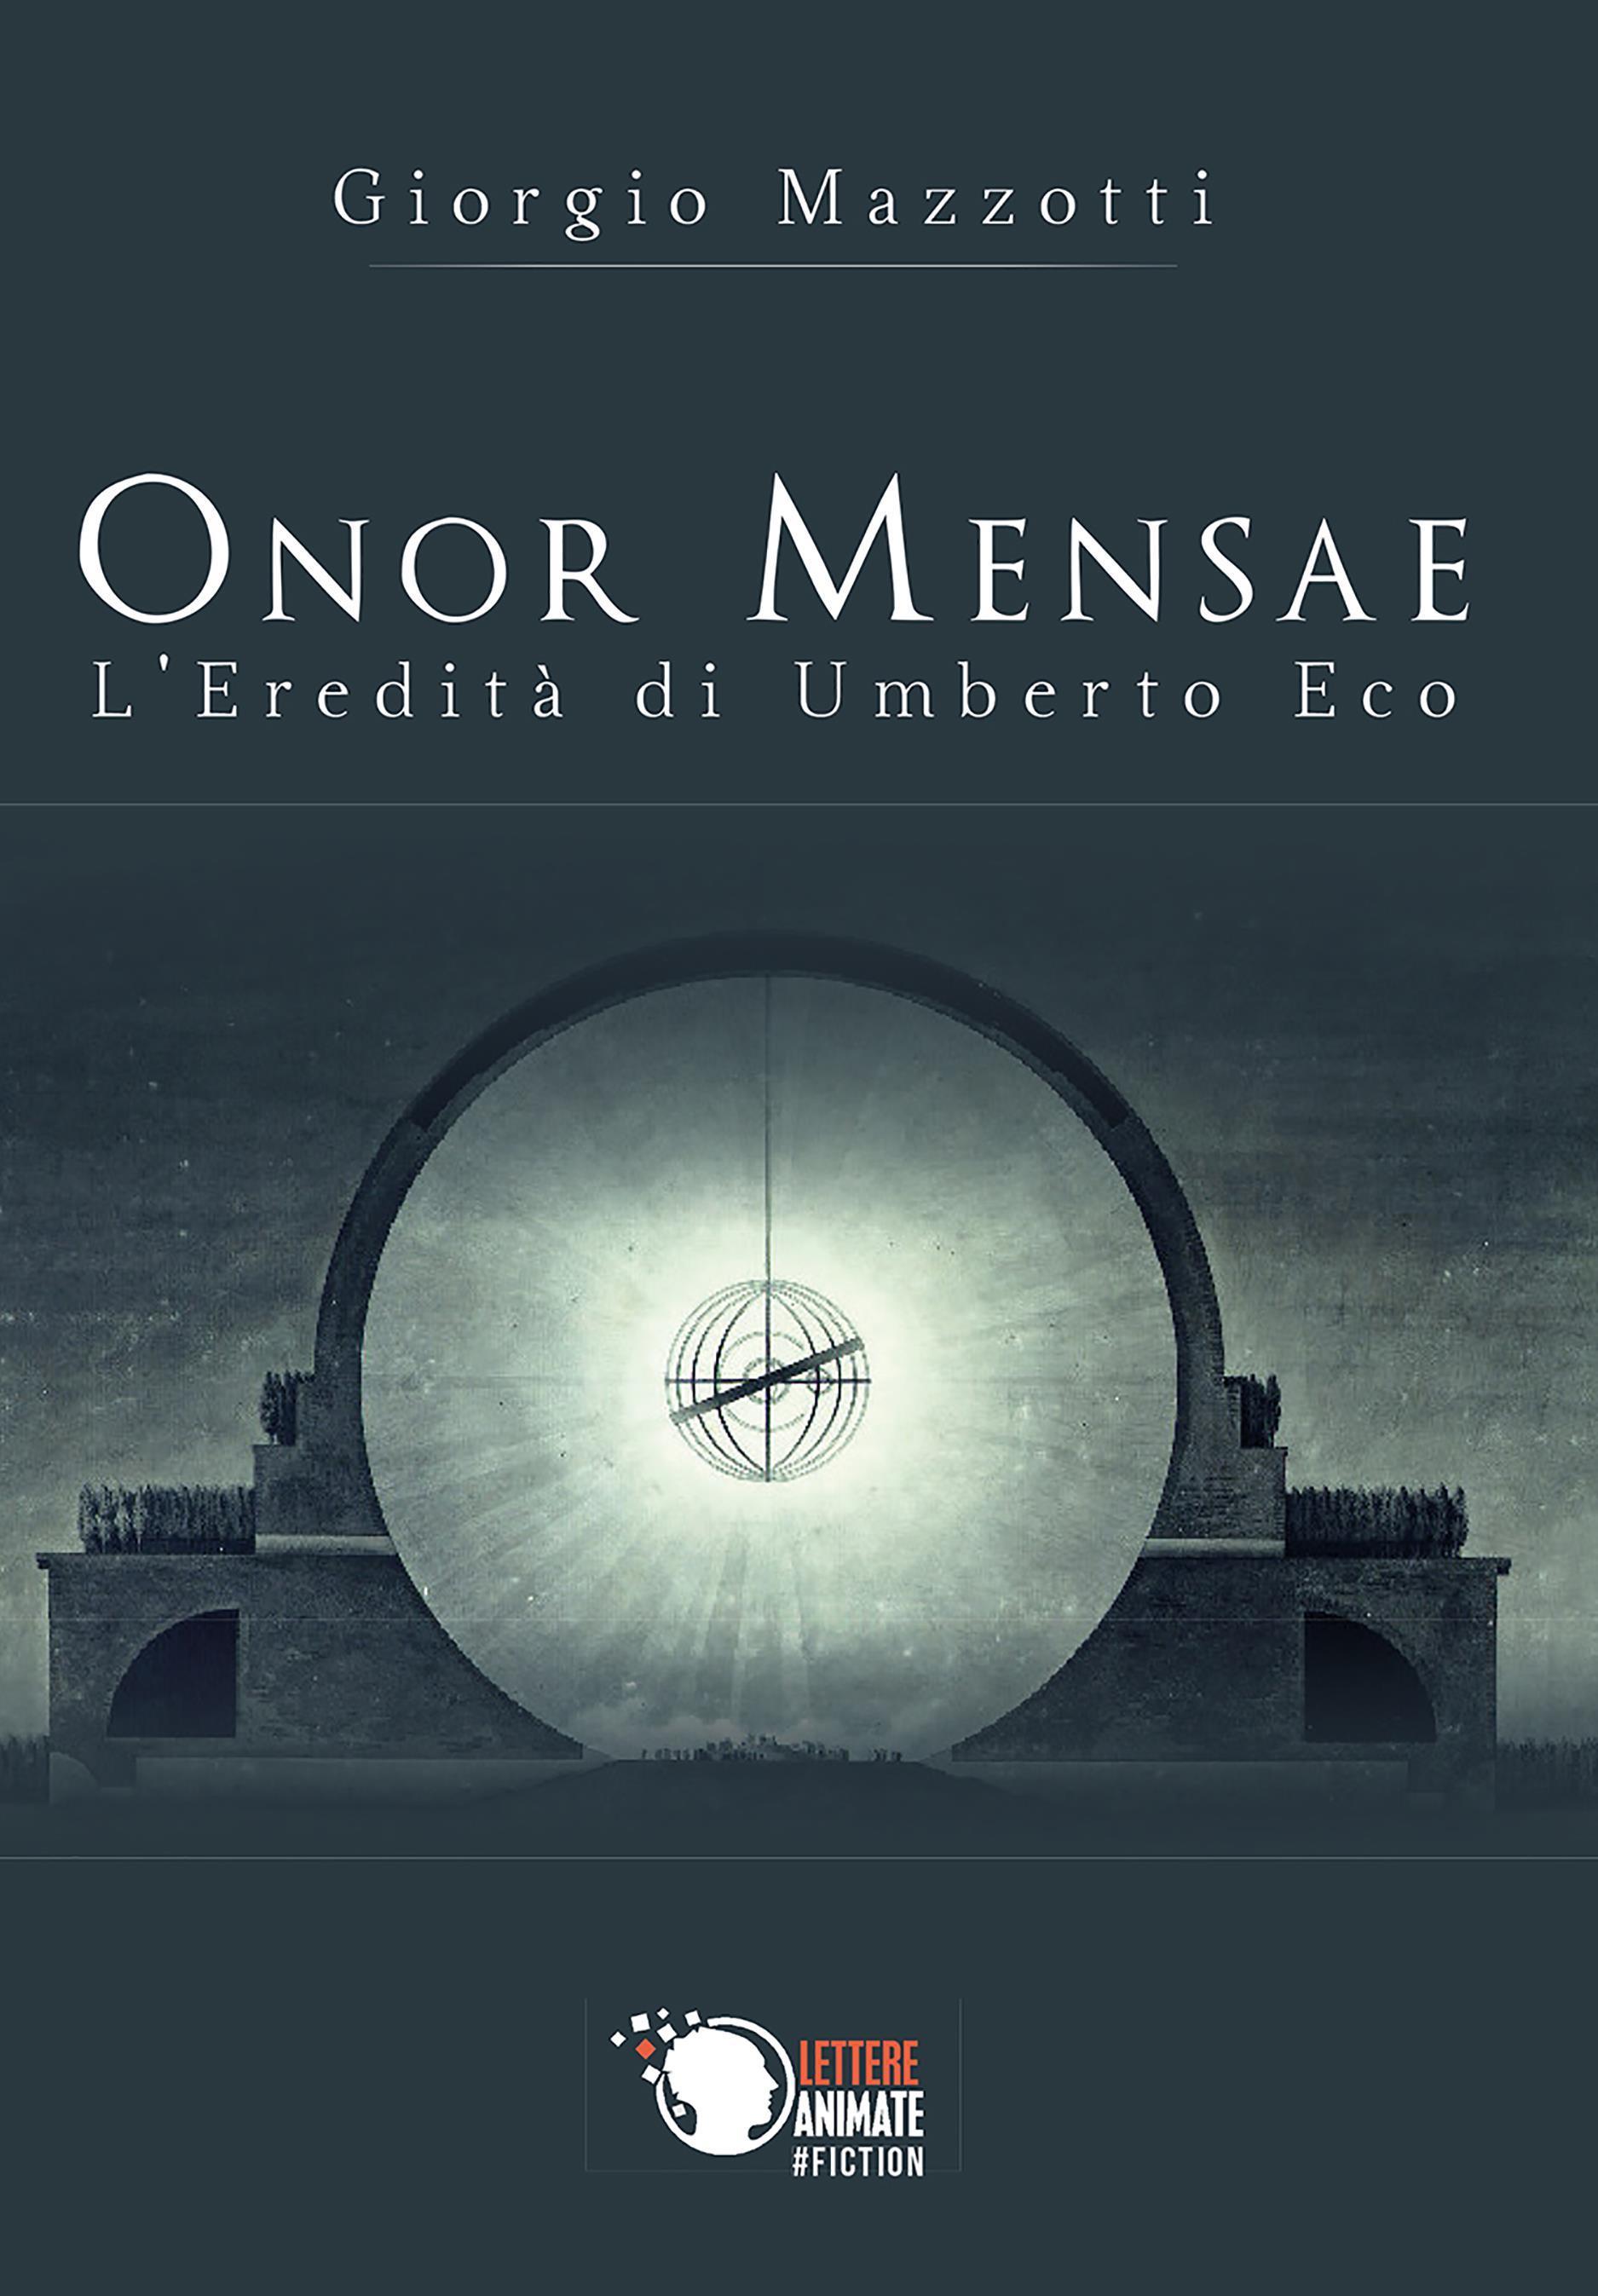 Onor mensae - L'eredità di Umberto Eco